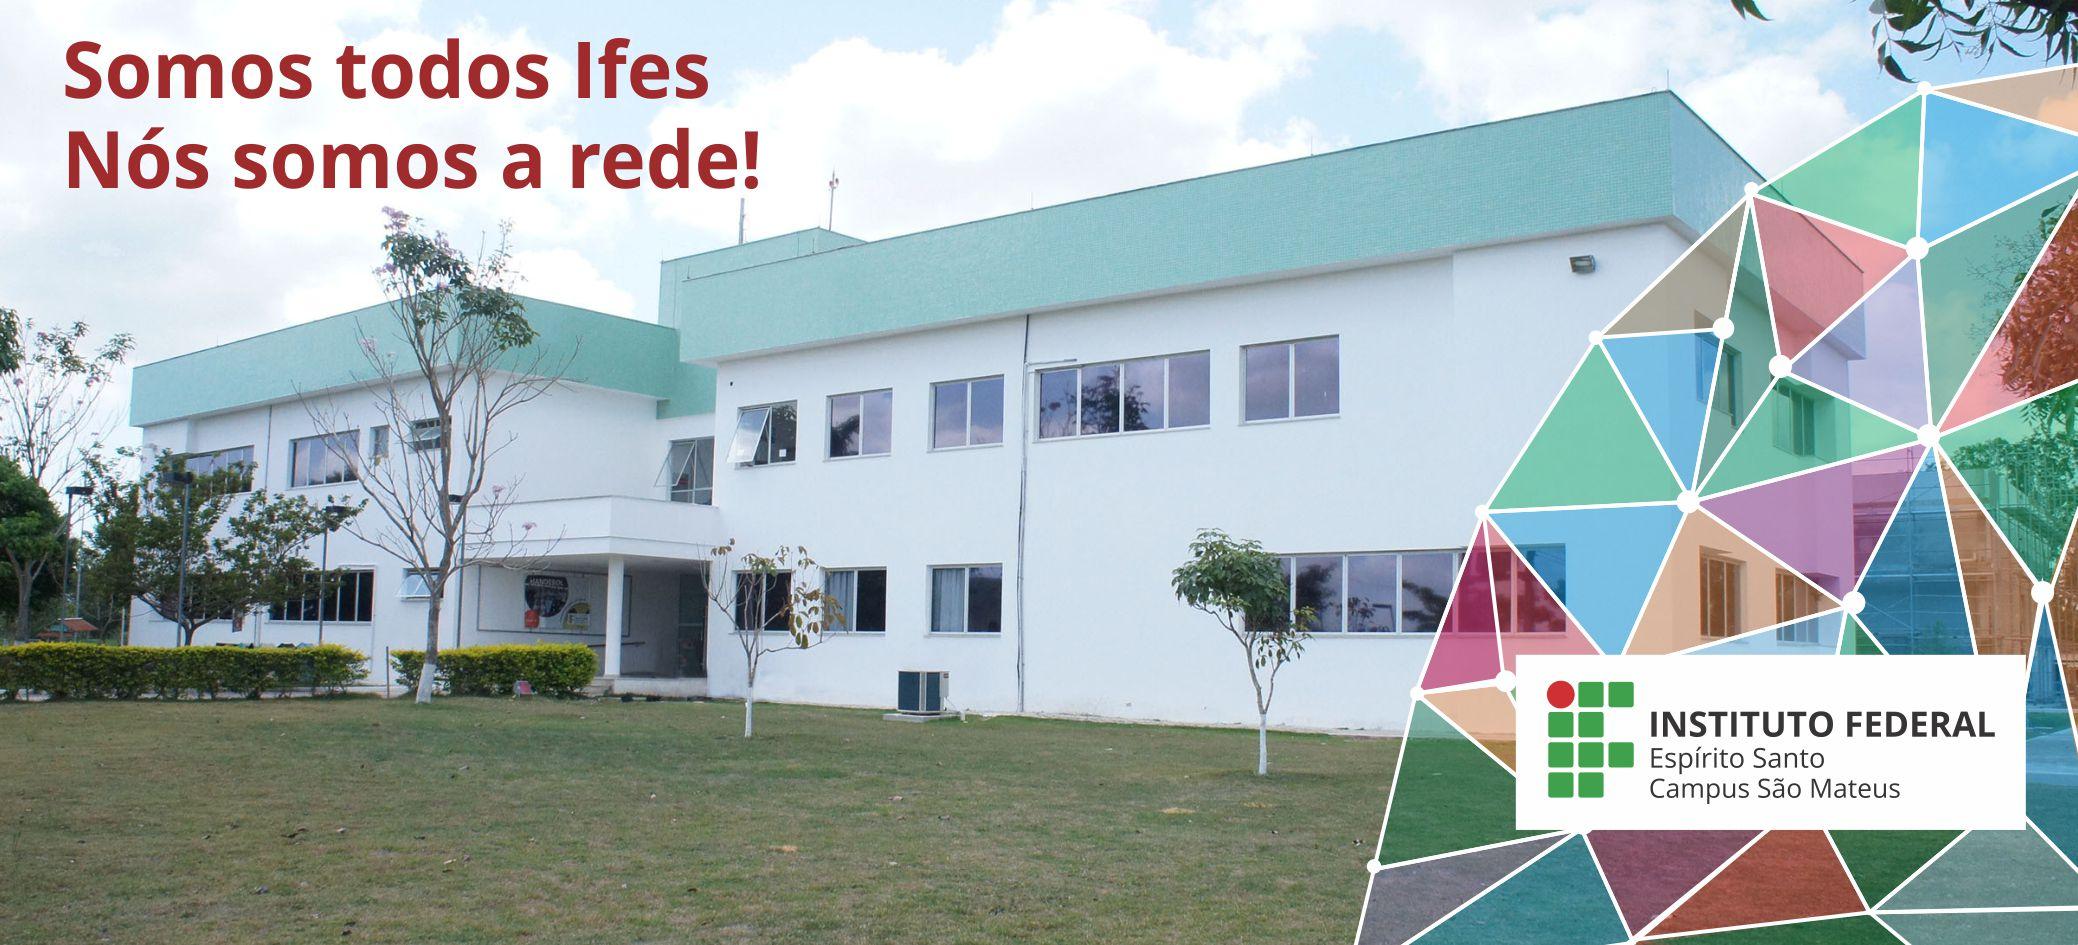 Instituto Federal do Espírito Santo: nós somos a rede!